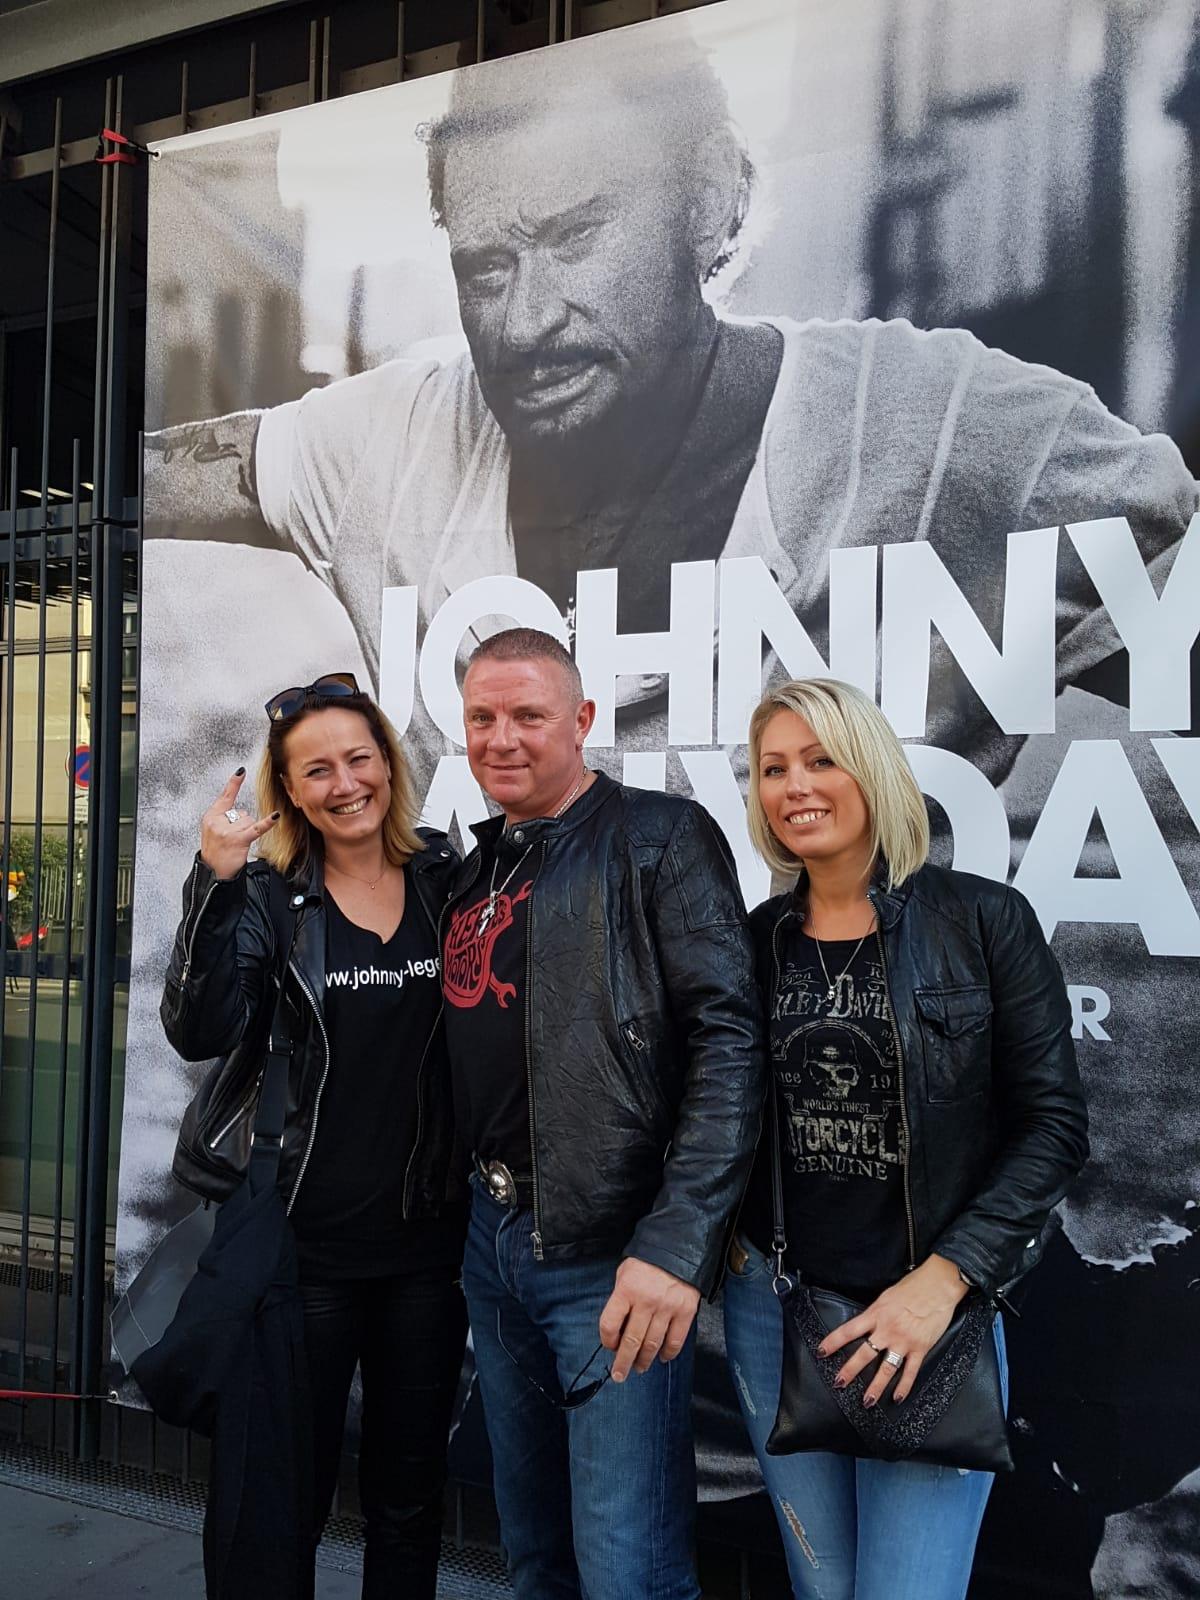 Johnny Hallyday ecoute avant premiere mon pays c est l amour Florence marchand